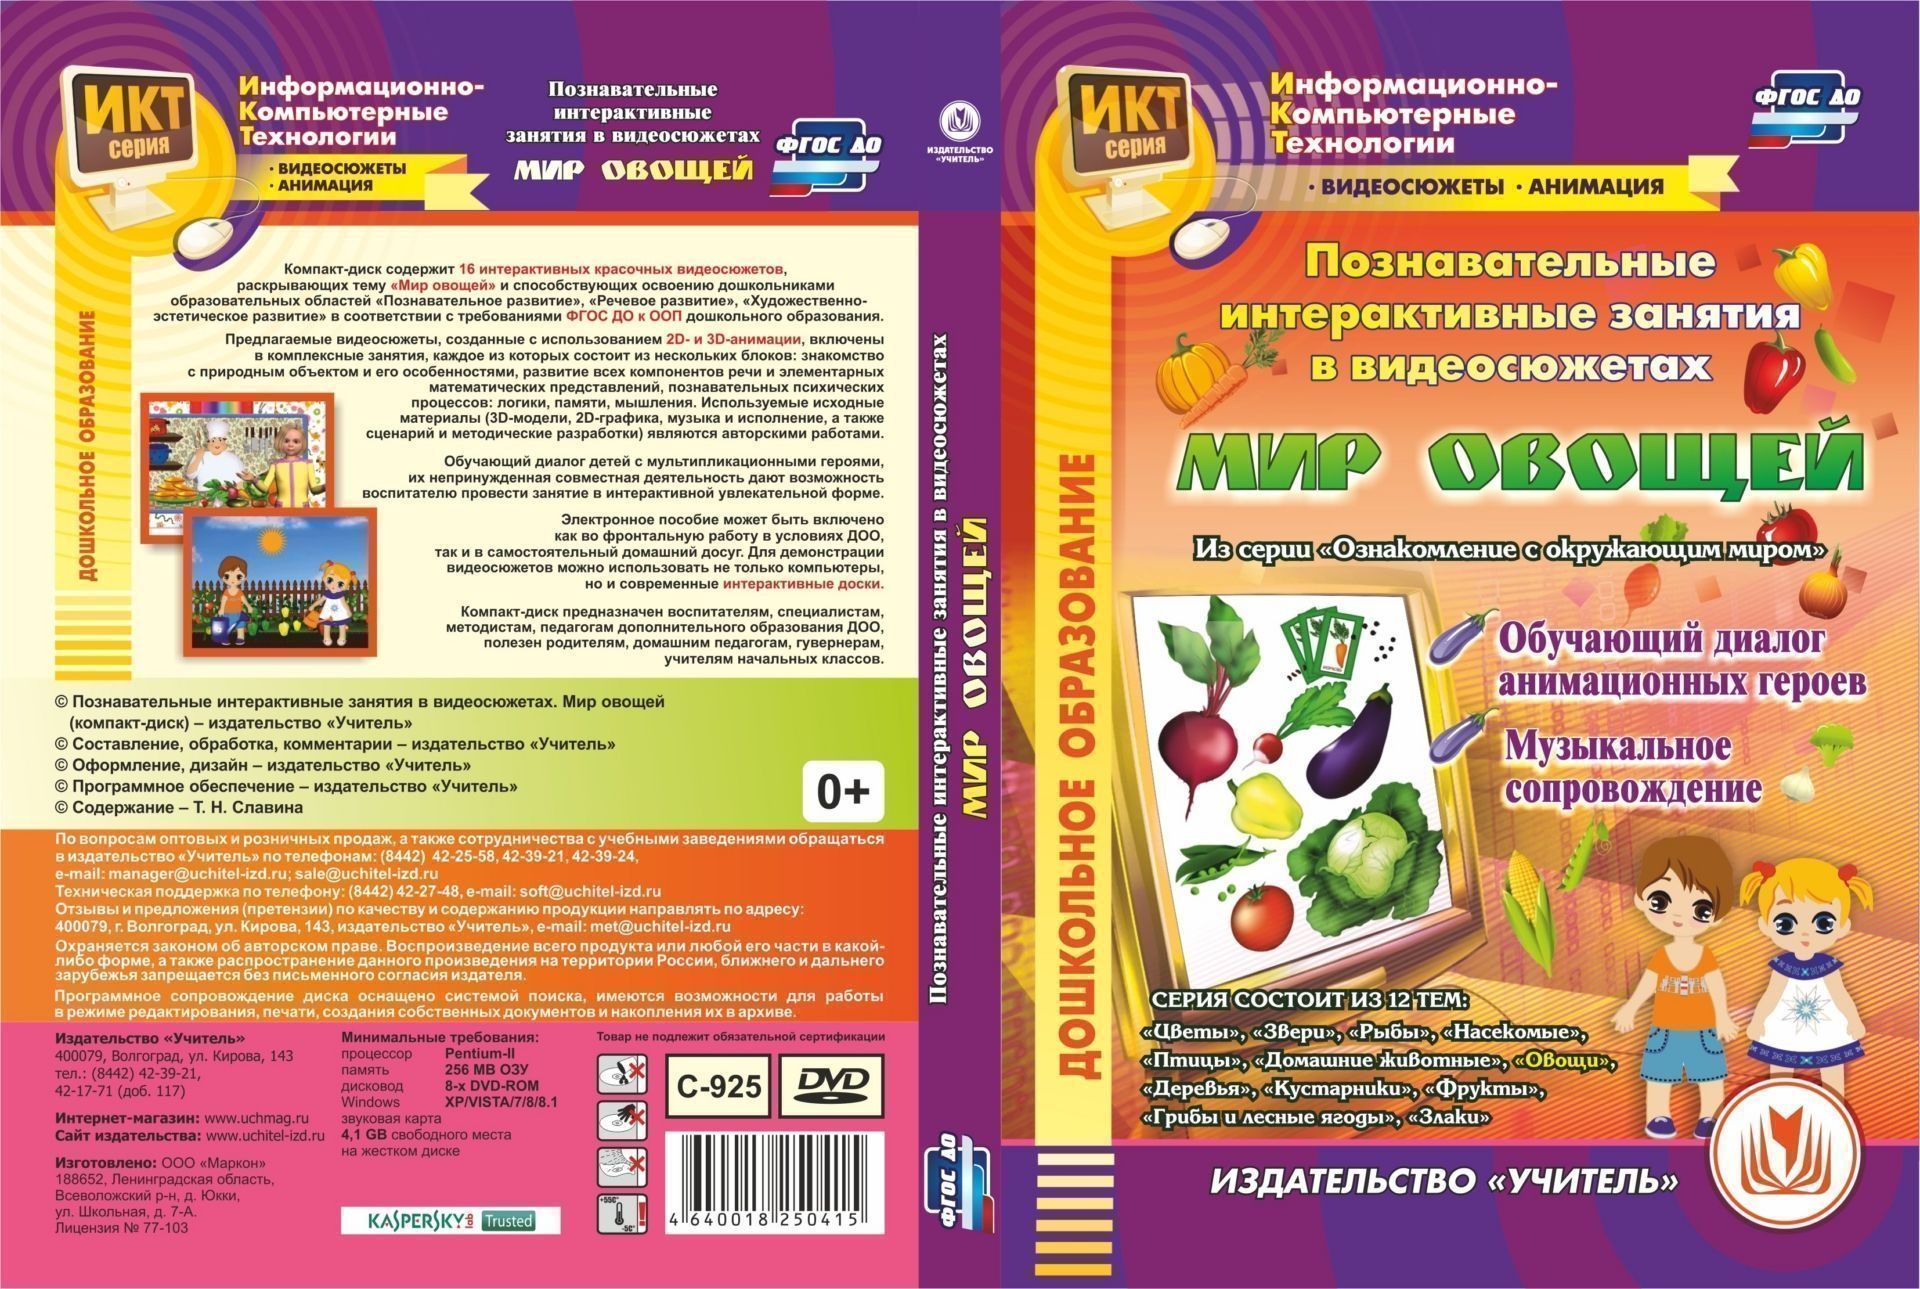 Купить со скидкой Познавательные интерактивные занятия в видеосюжетах. Мир овощей. Компакт-диск для компьютера: Обучаю